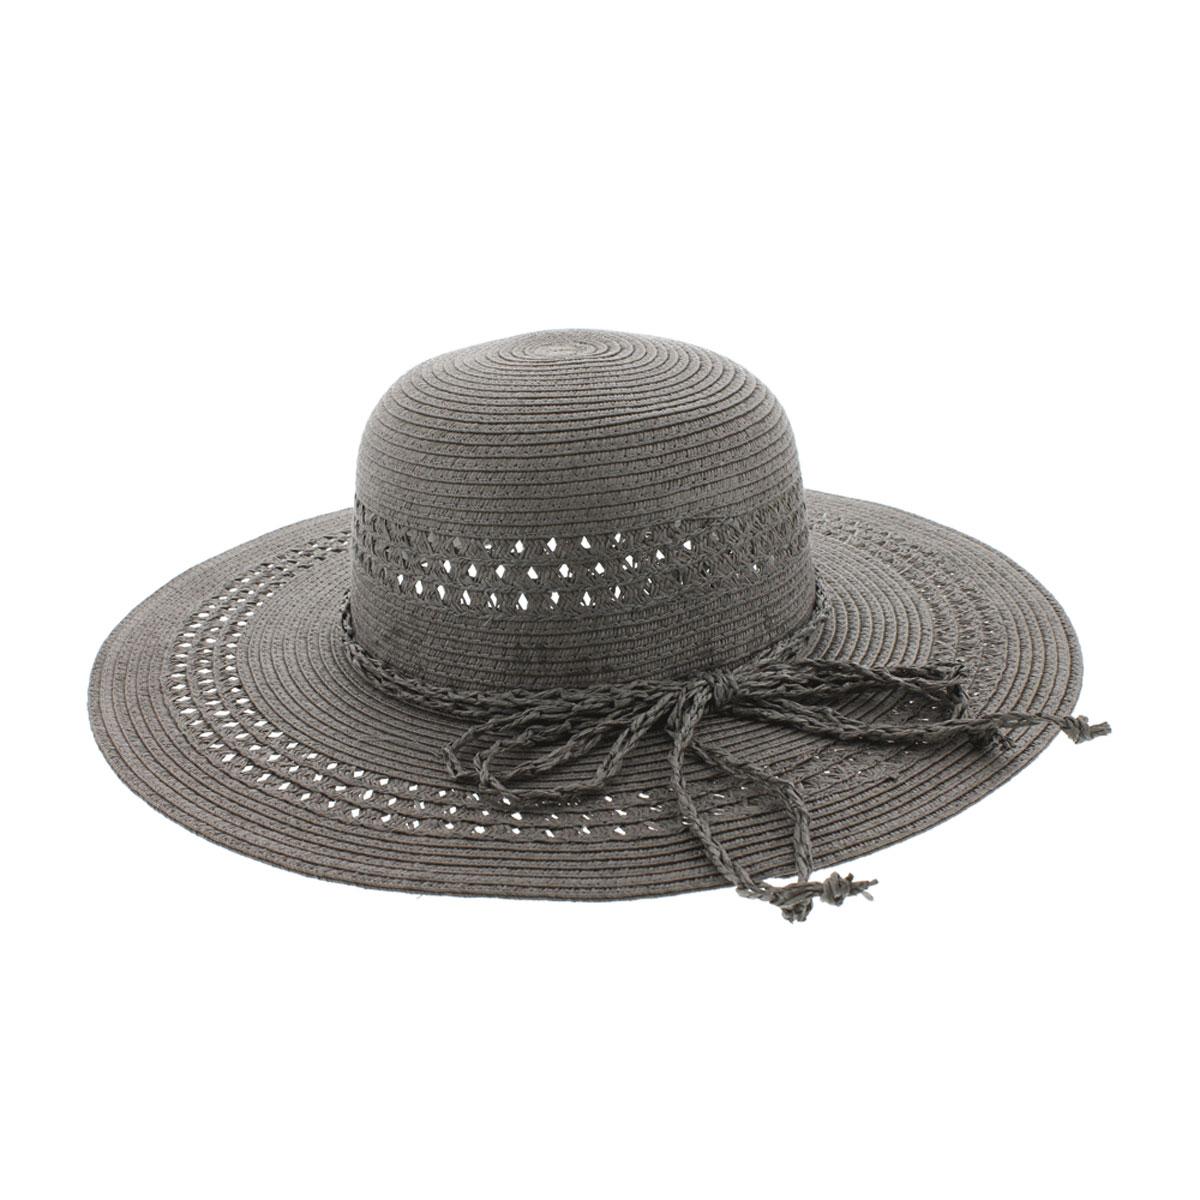 Шляпа женская Clara. 77-09977-099-08-55Широкополая шляпа R.Mountain Clara с оригинальным узором с перфорацией на тулье и полях, украсит любой наряд. Модель оформлена небольшим металлическим логотипом фирмы и плетеным шнуром, завязанным в бантом. Благодаря своей форме, шляпа удобно садится по голове и подойдет к любому стилю. Изделие легко восстанавливает свою форму после сжатия. Такая шляпка подчеркнет вашу неповторимость и дополнит ваш повседневный образ.